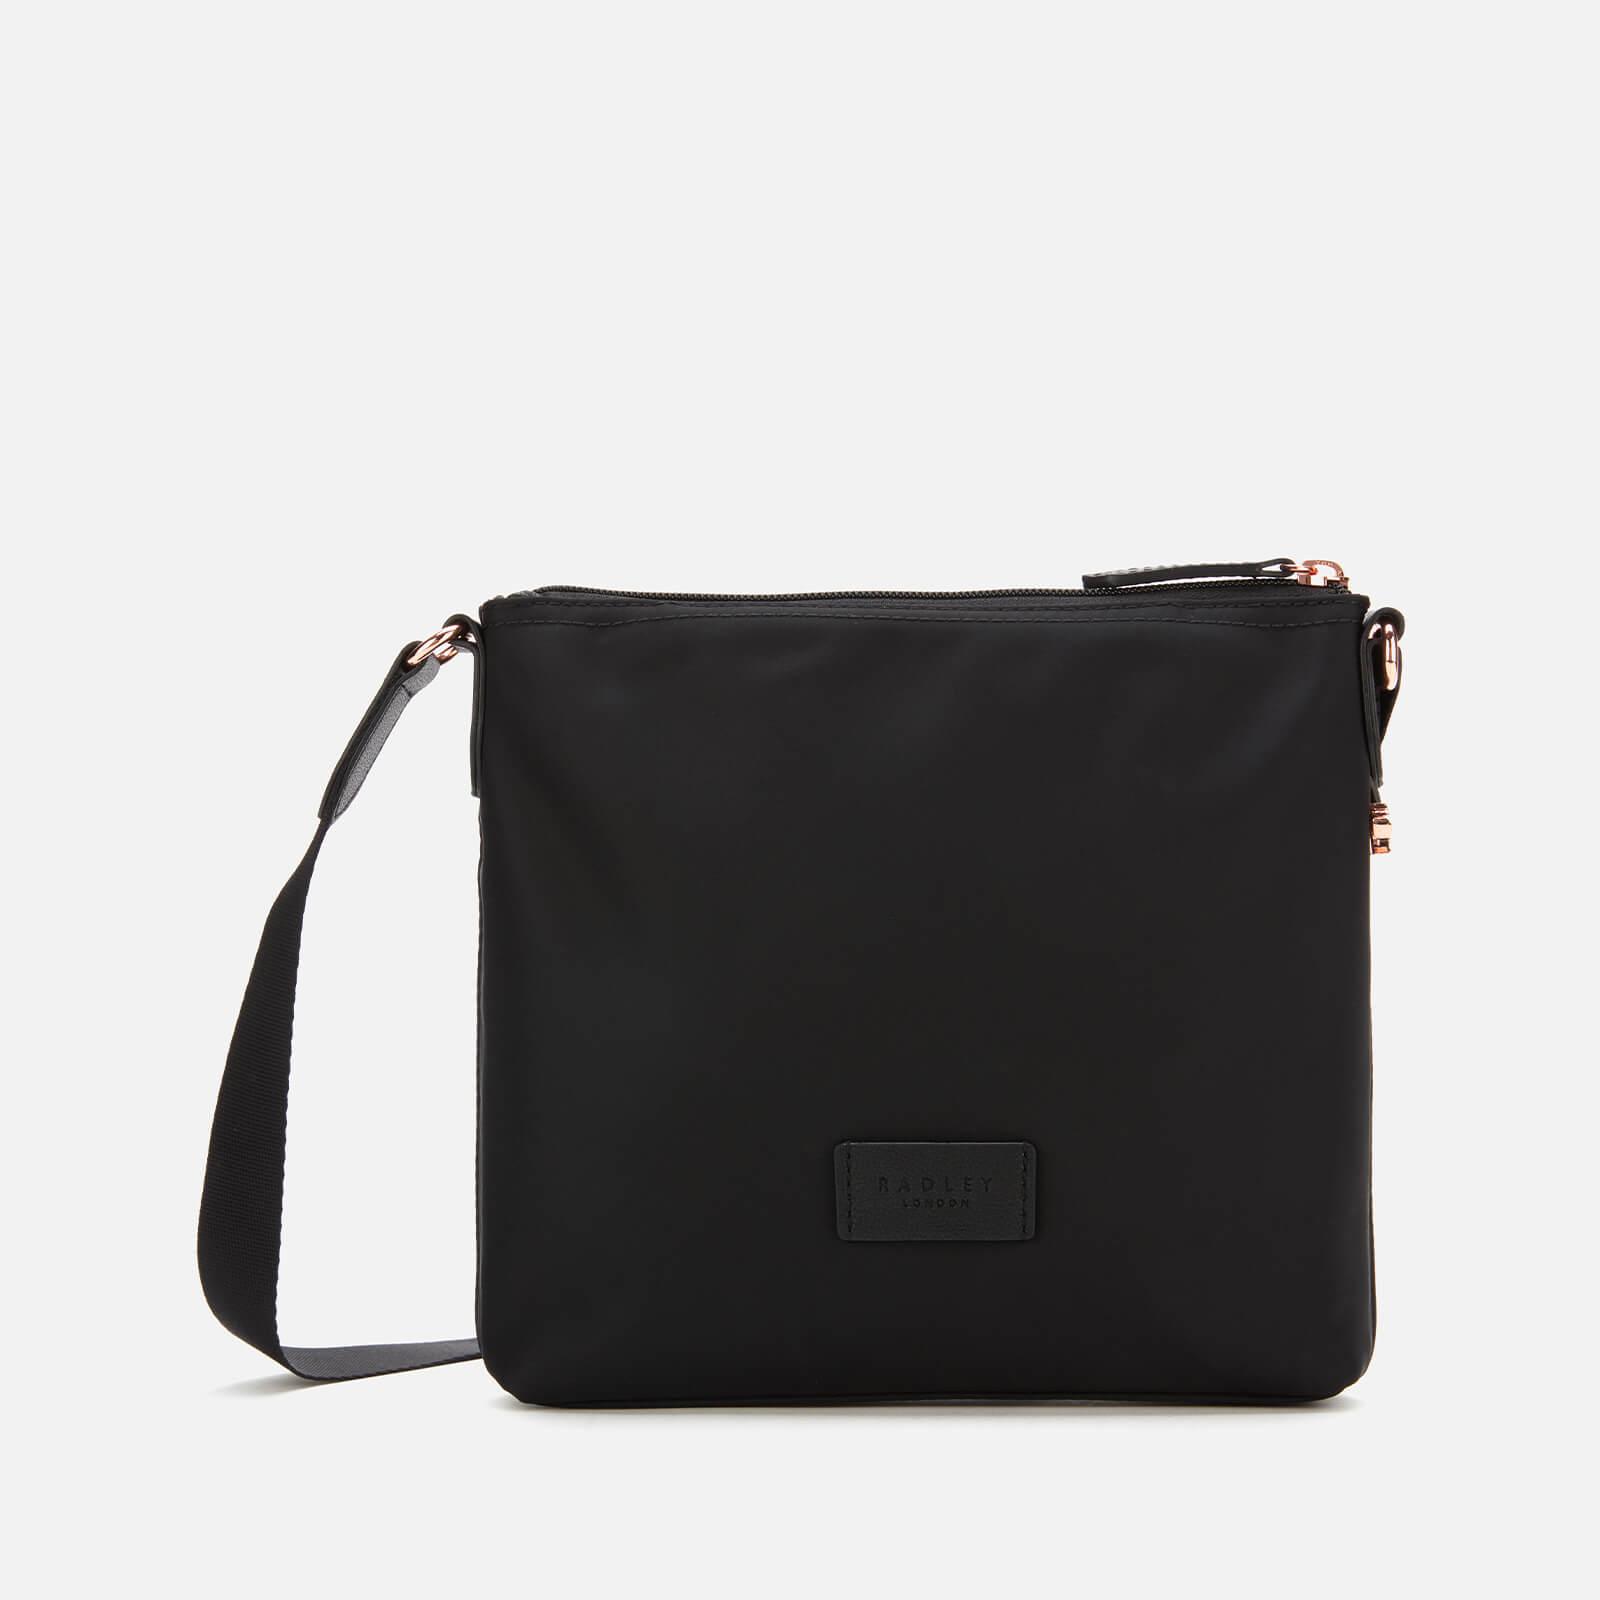 Radley Women's Pocket Essentials Small Zip Top Cross Body Bag Black